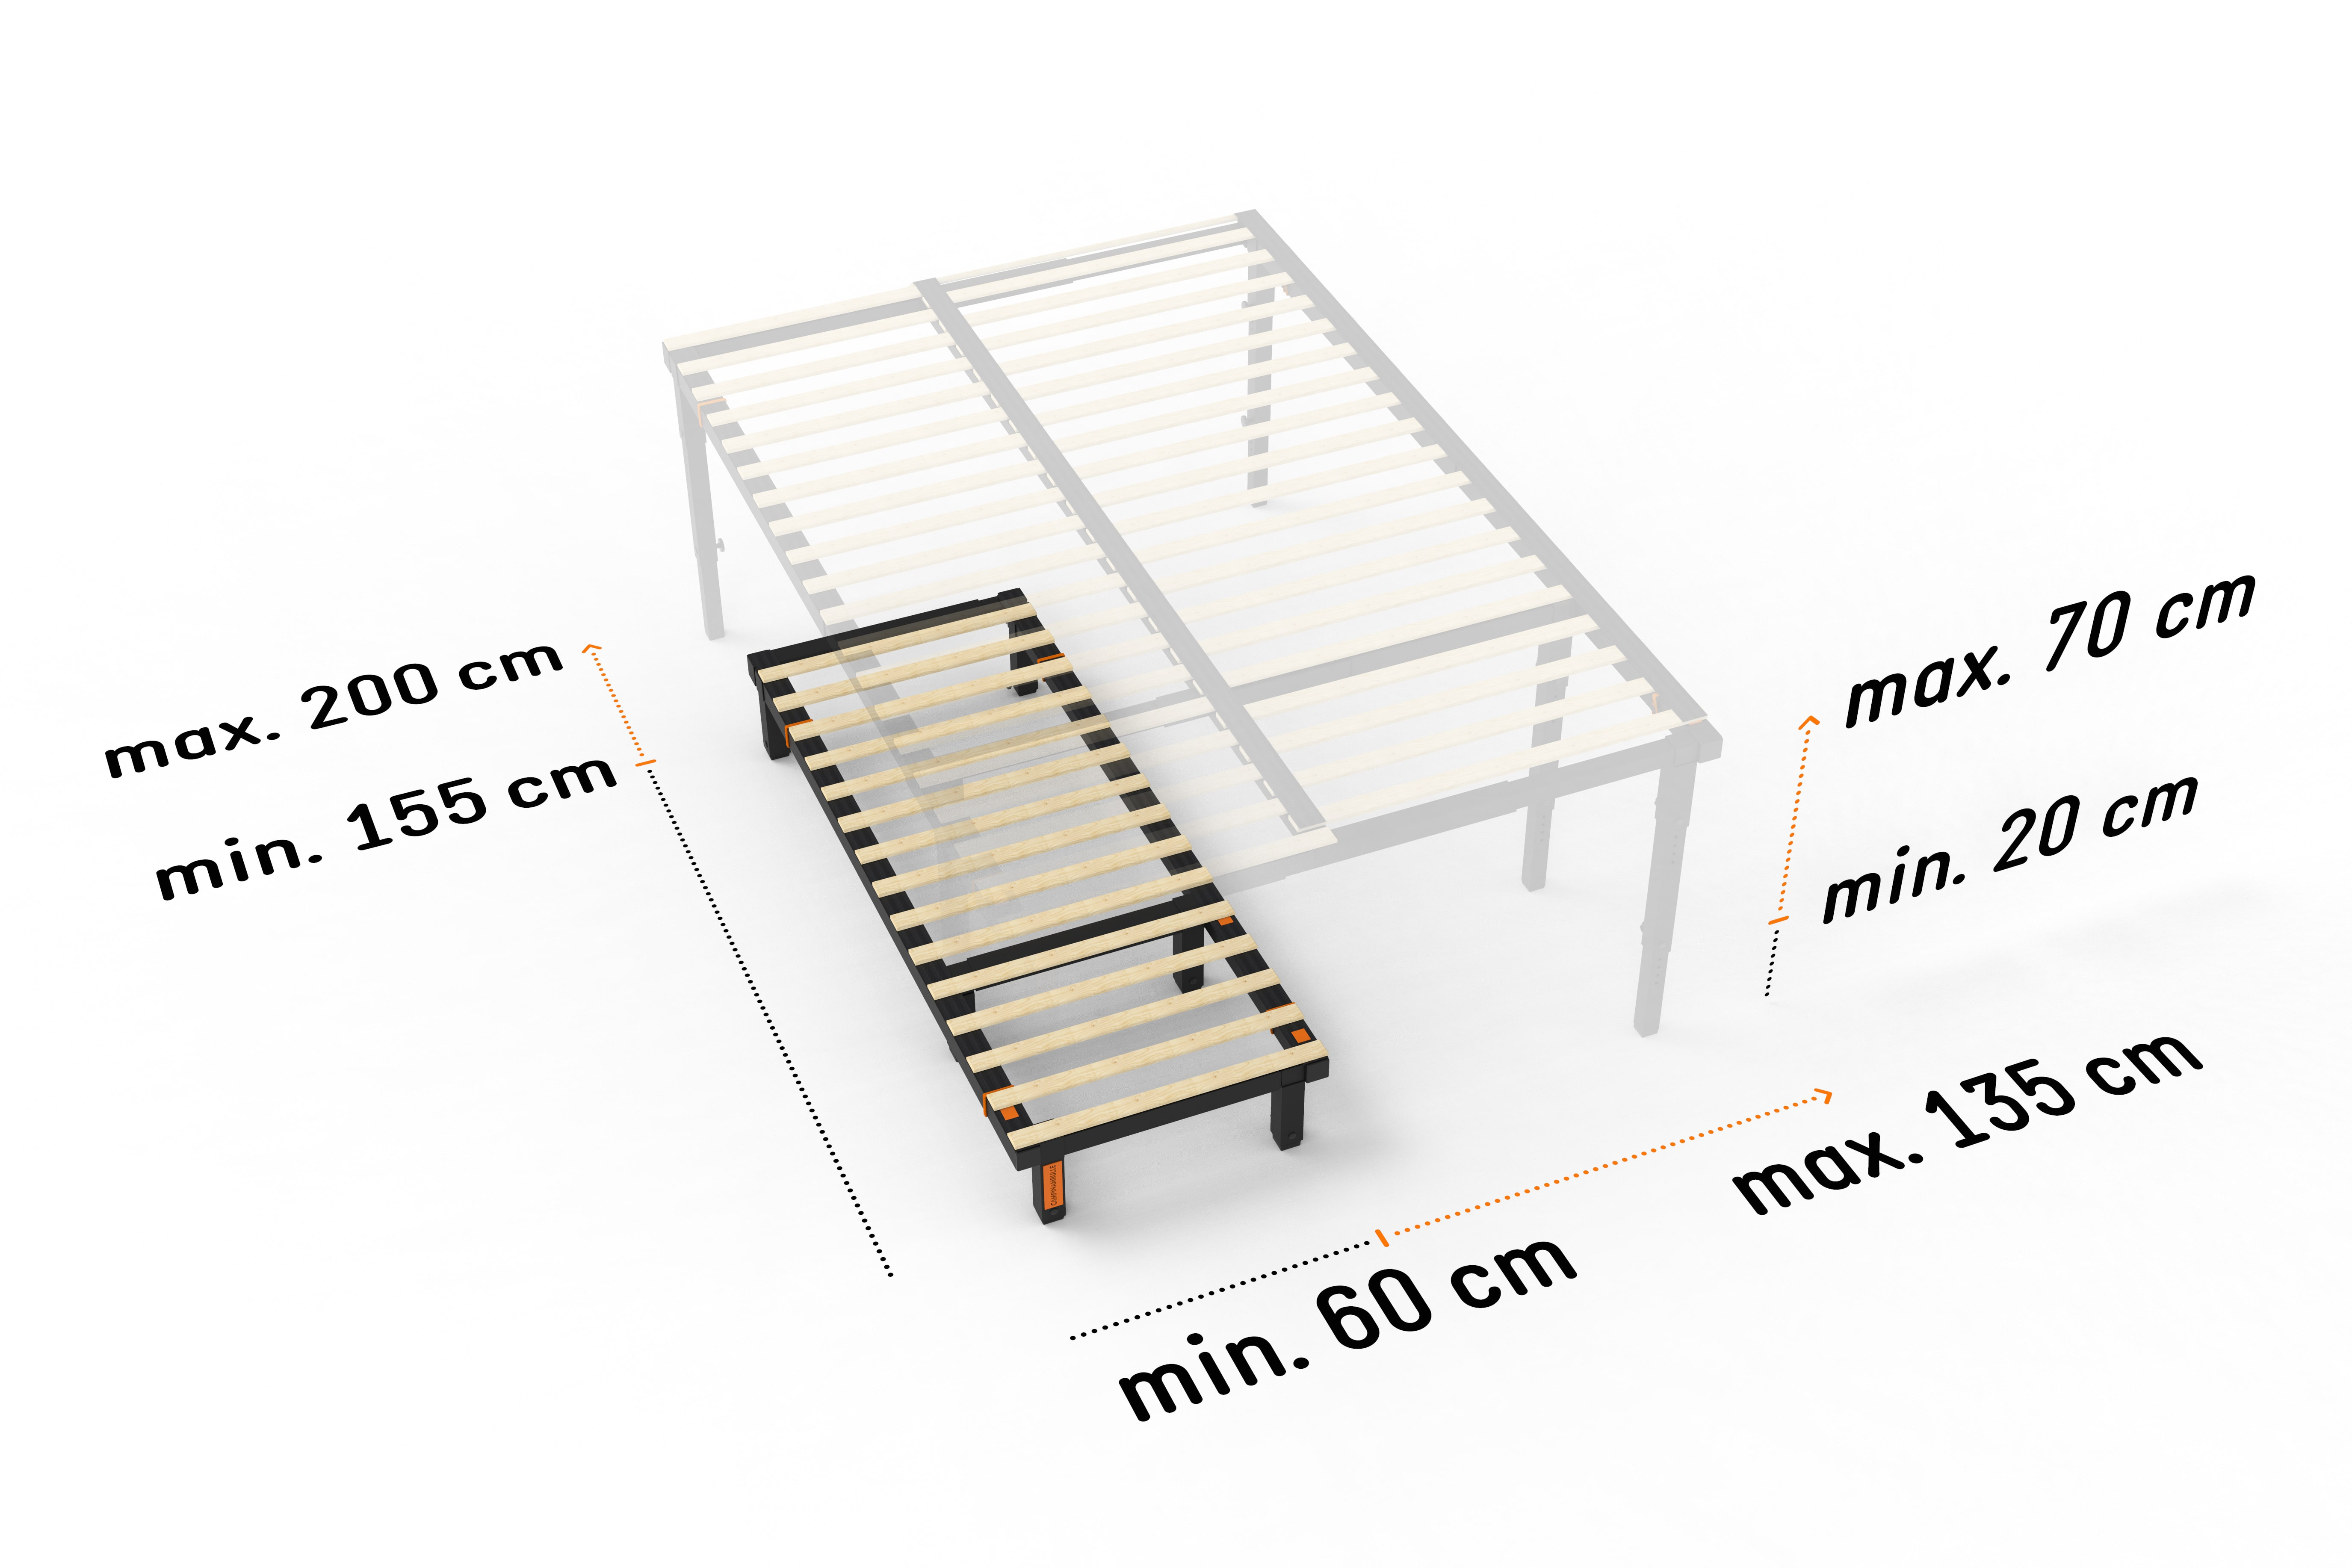 Cotation minimum